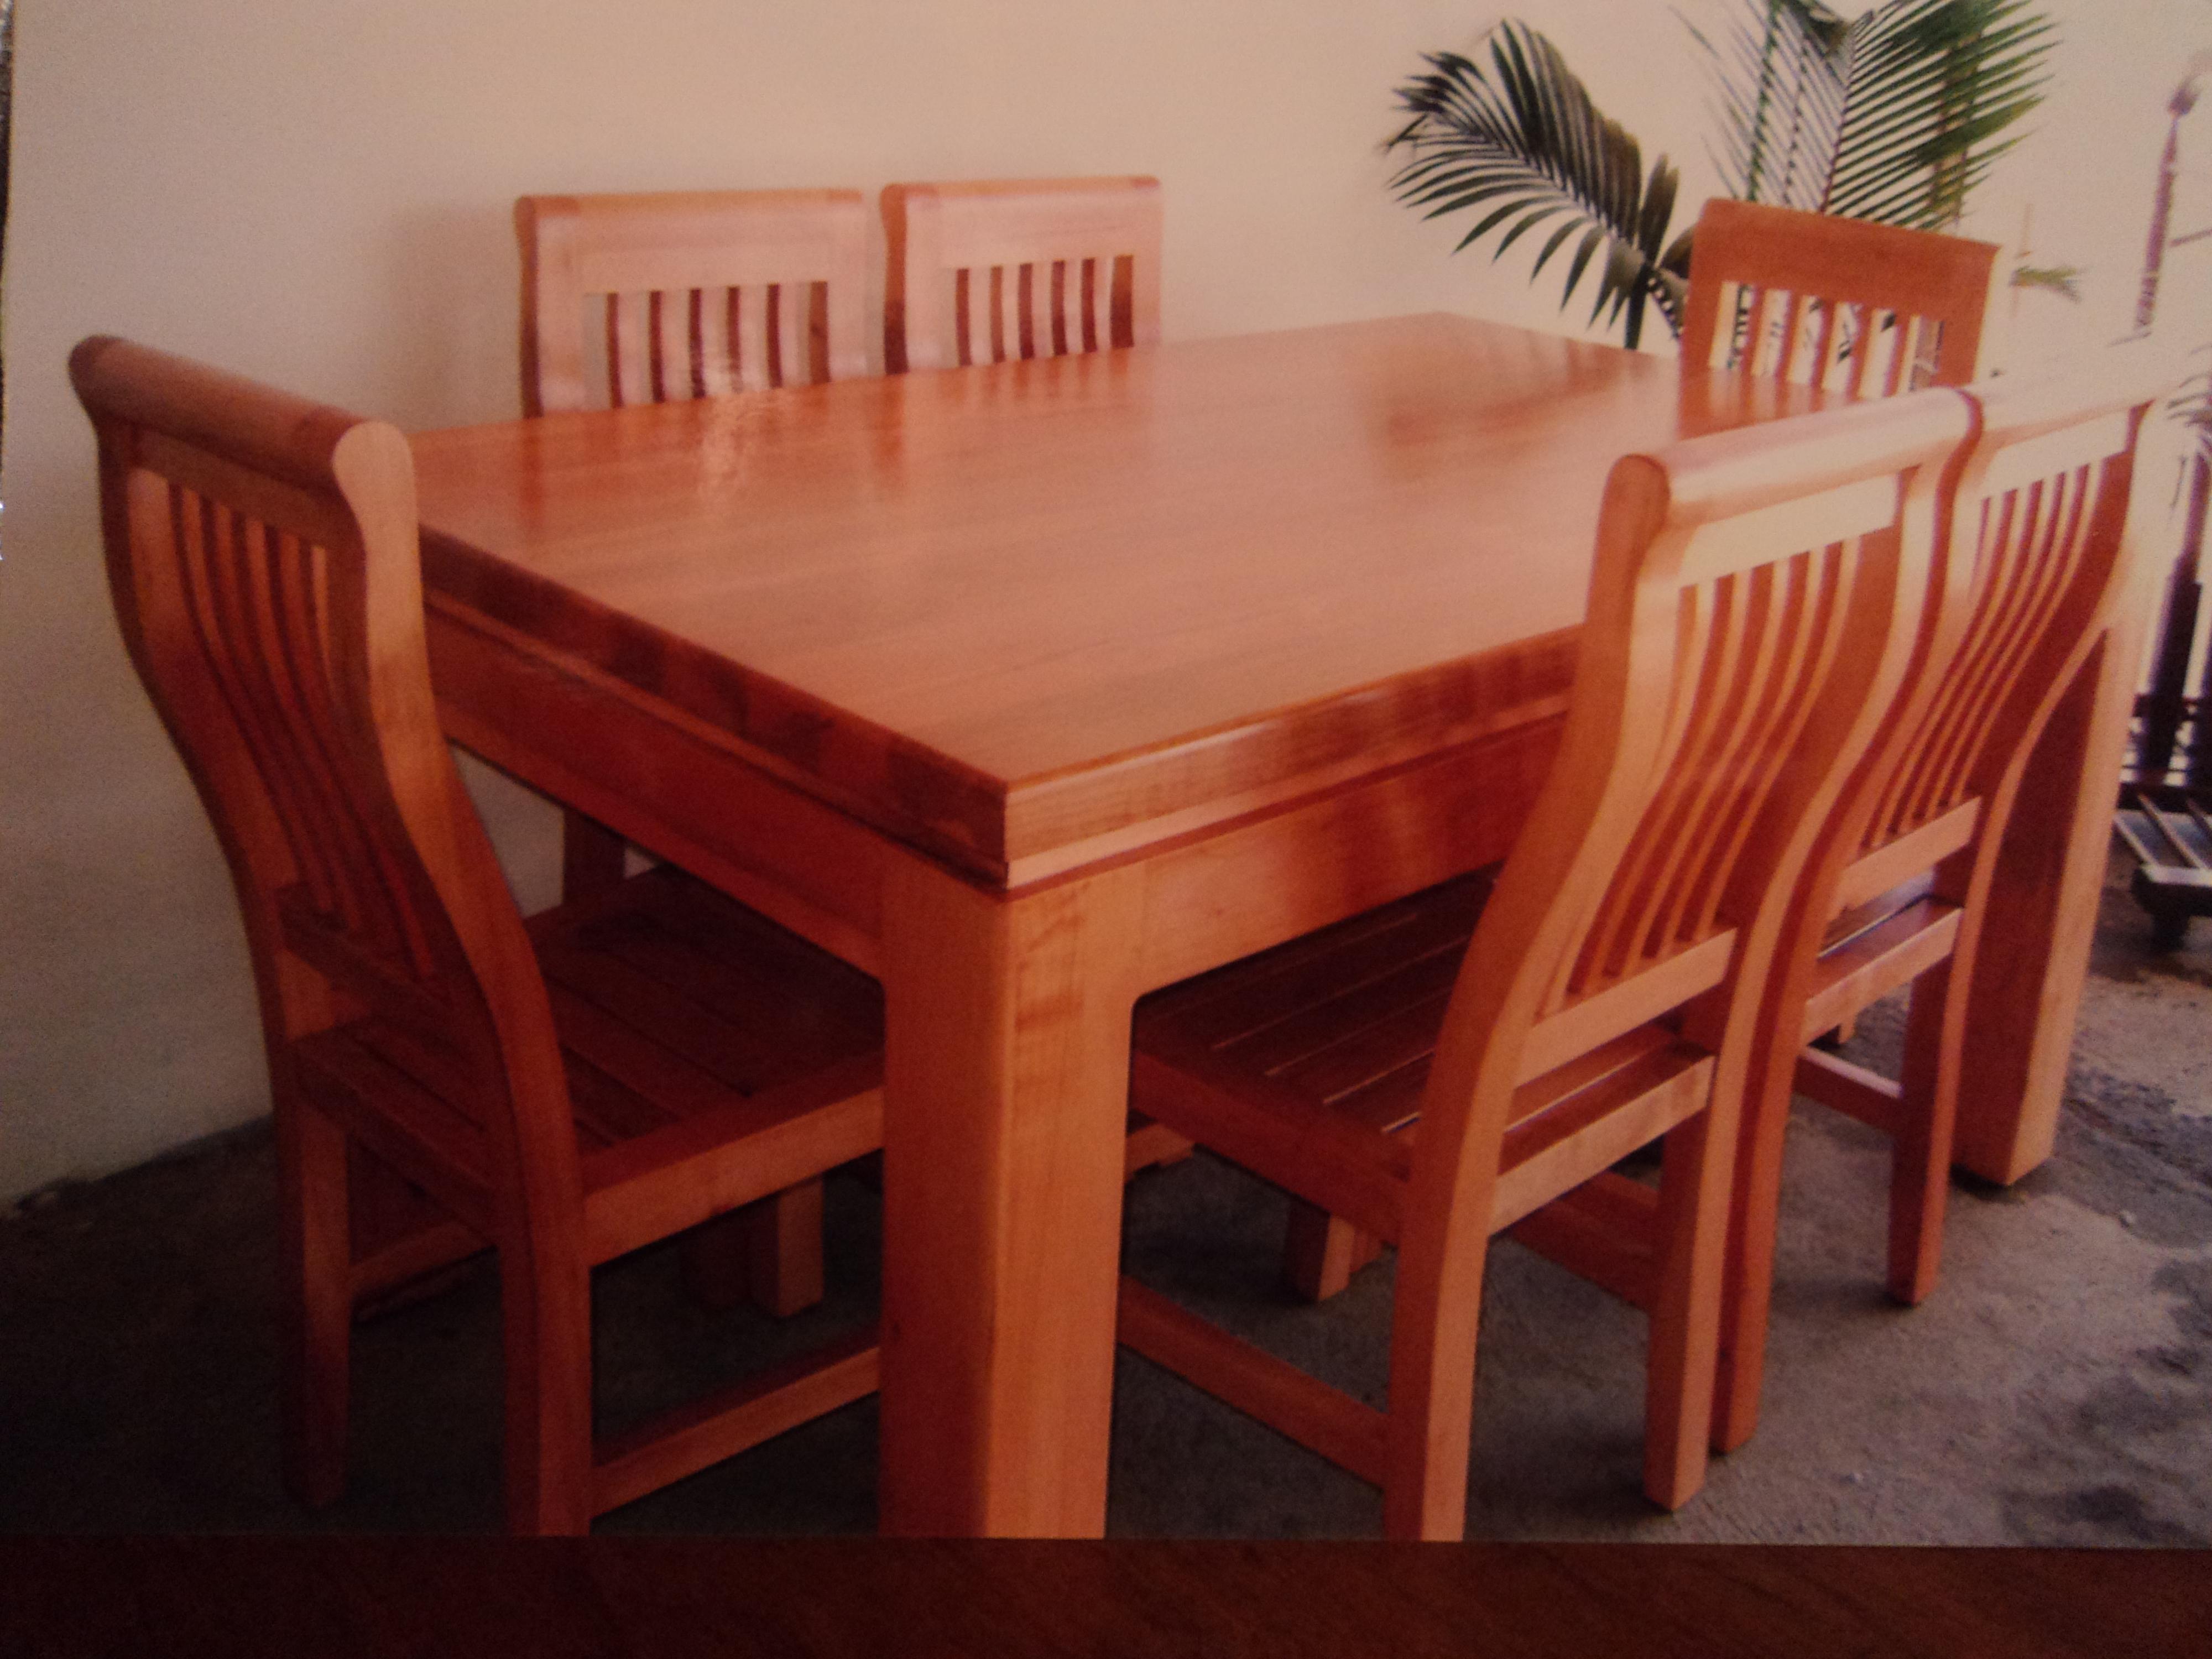 Artesan a en muebles carlosrivera los mejores muebles en for Muebles de algarrobo precios